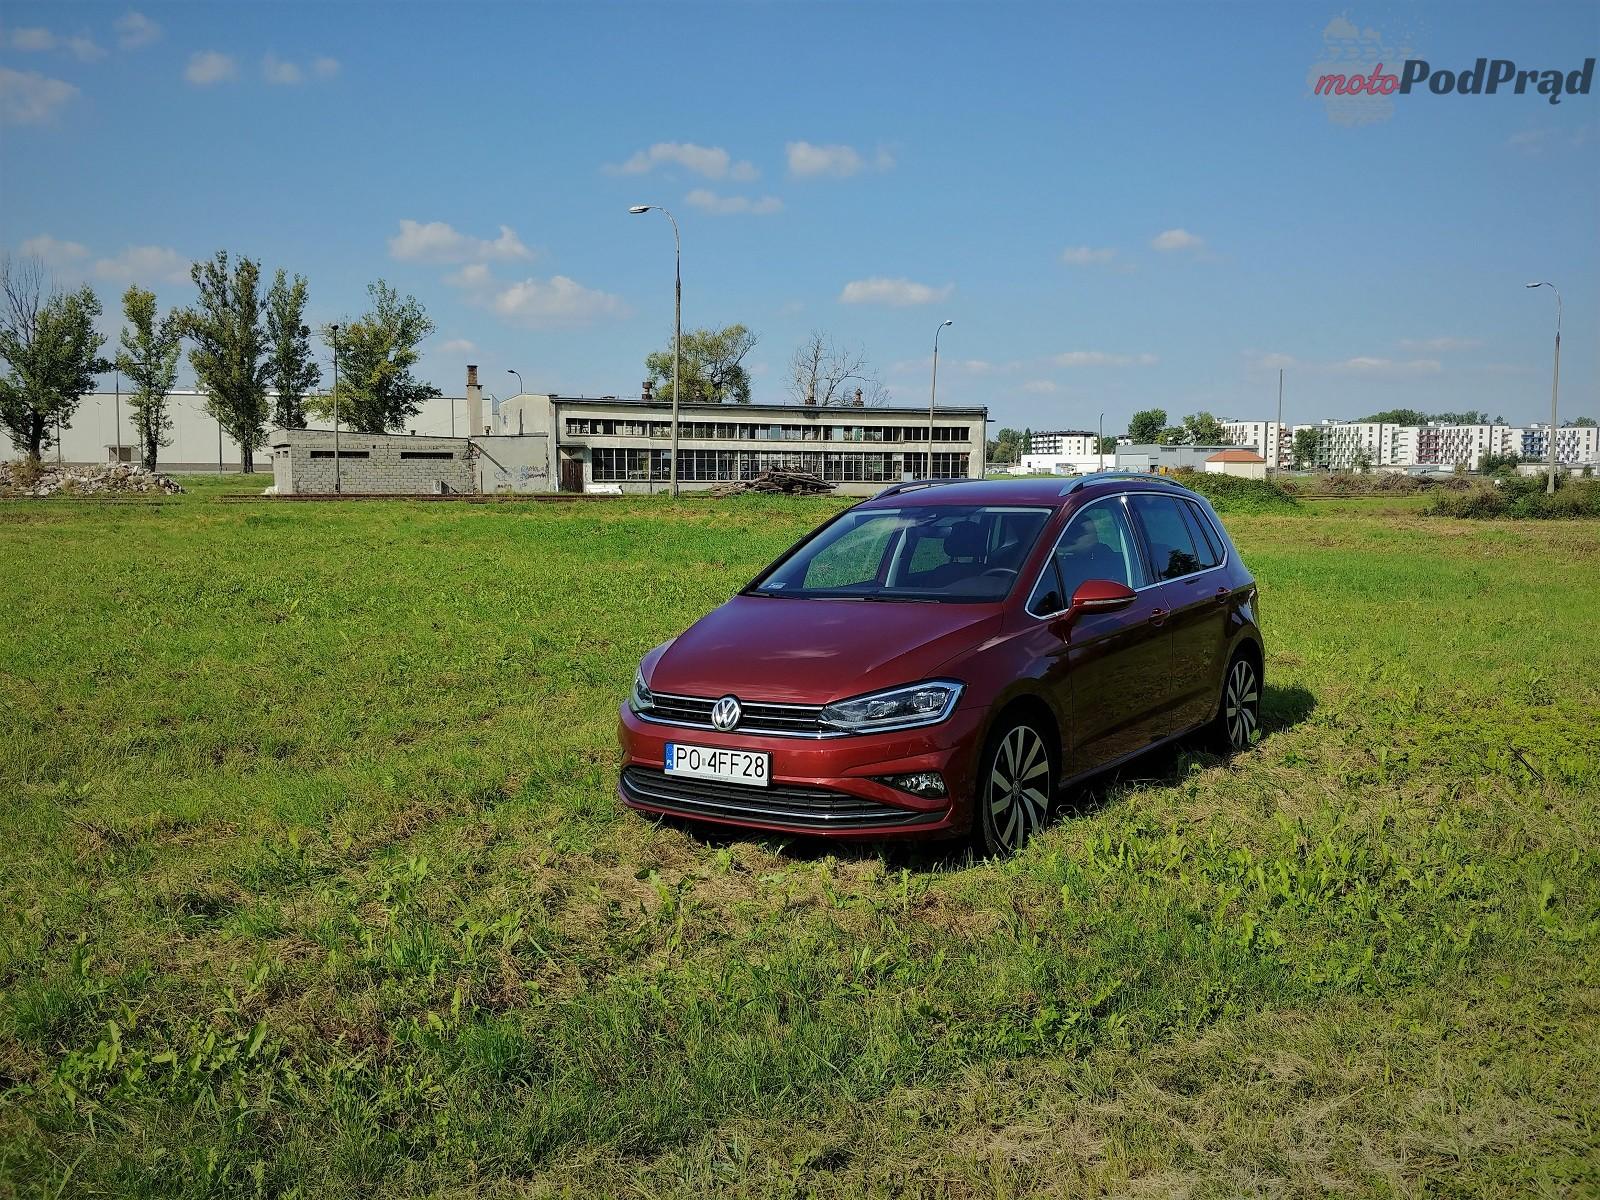 Volkswagen Golf Sportsvan 10 Test: Volkswagen Golf Sportsvan 1.5 TSI   garbaty anioł